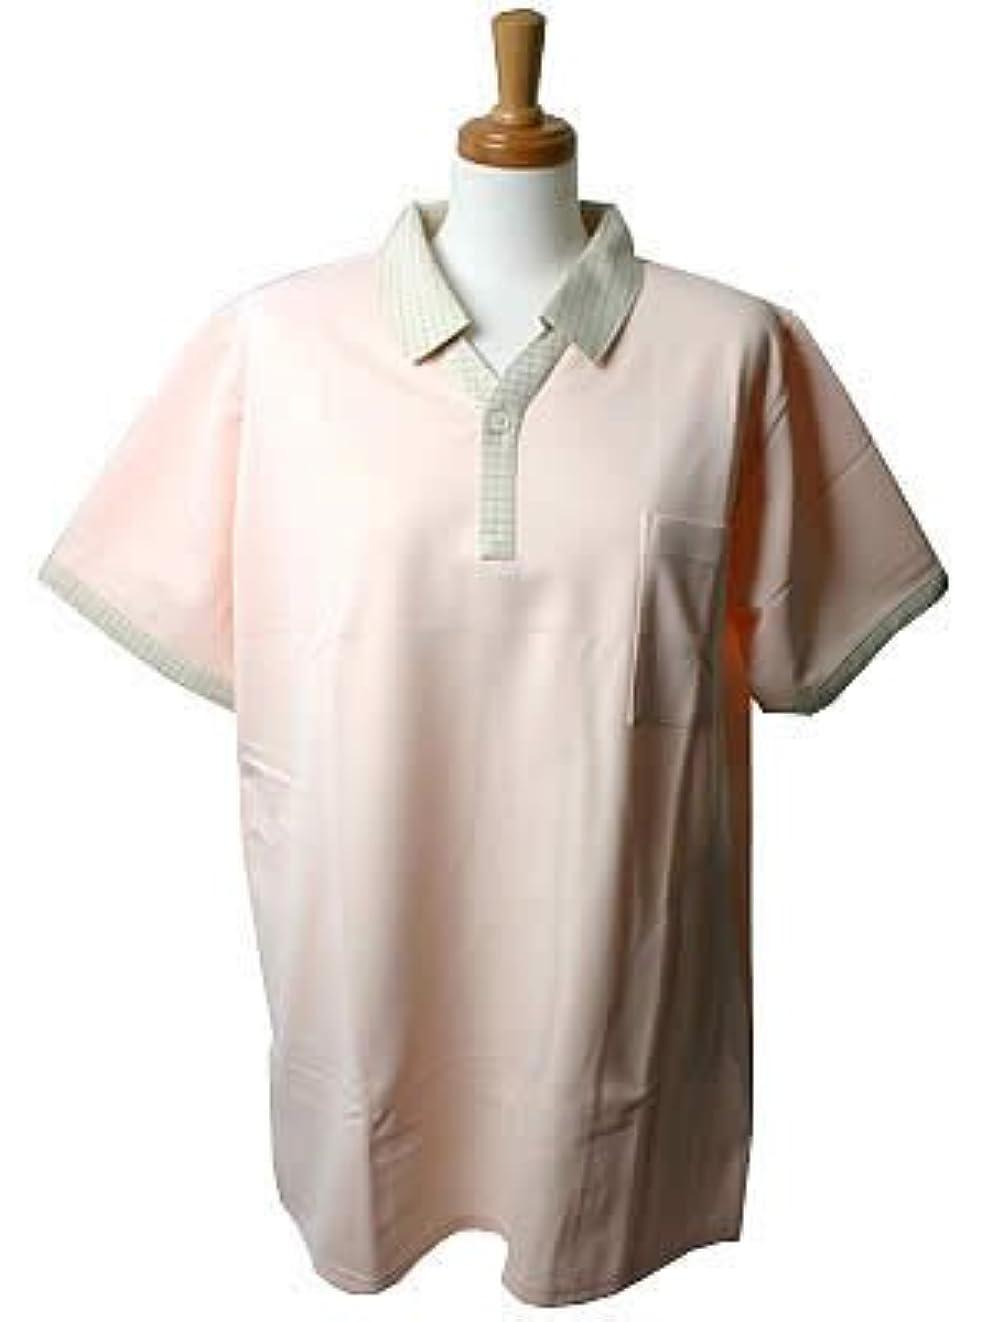 あえて君主不屈ナガイレーベン NAGAILEBEN ニットシャツ NX-2902(M) アプリコット